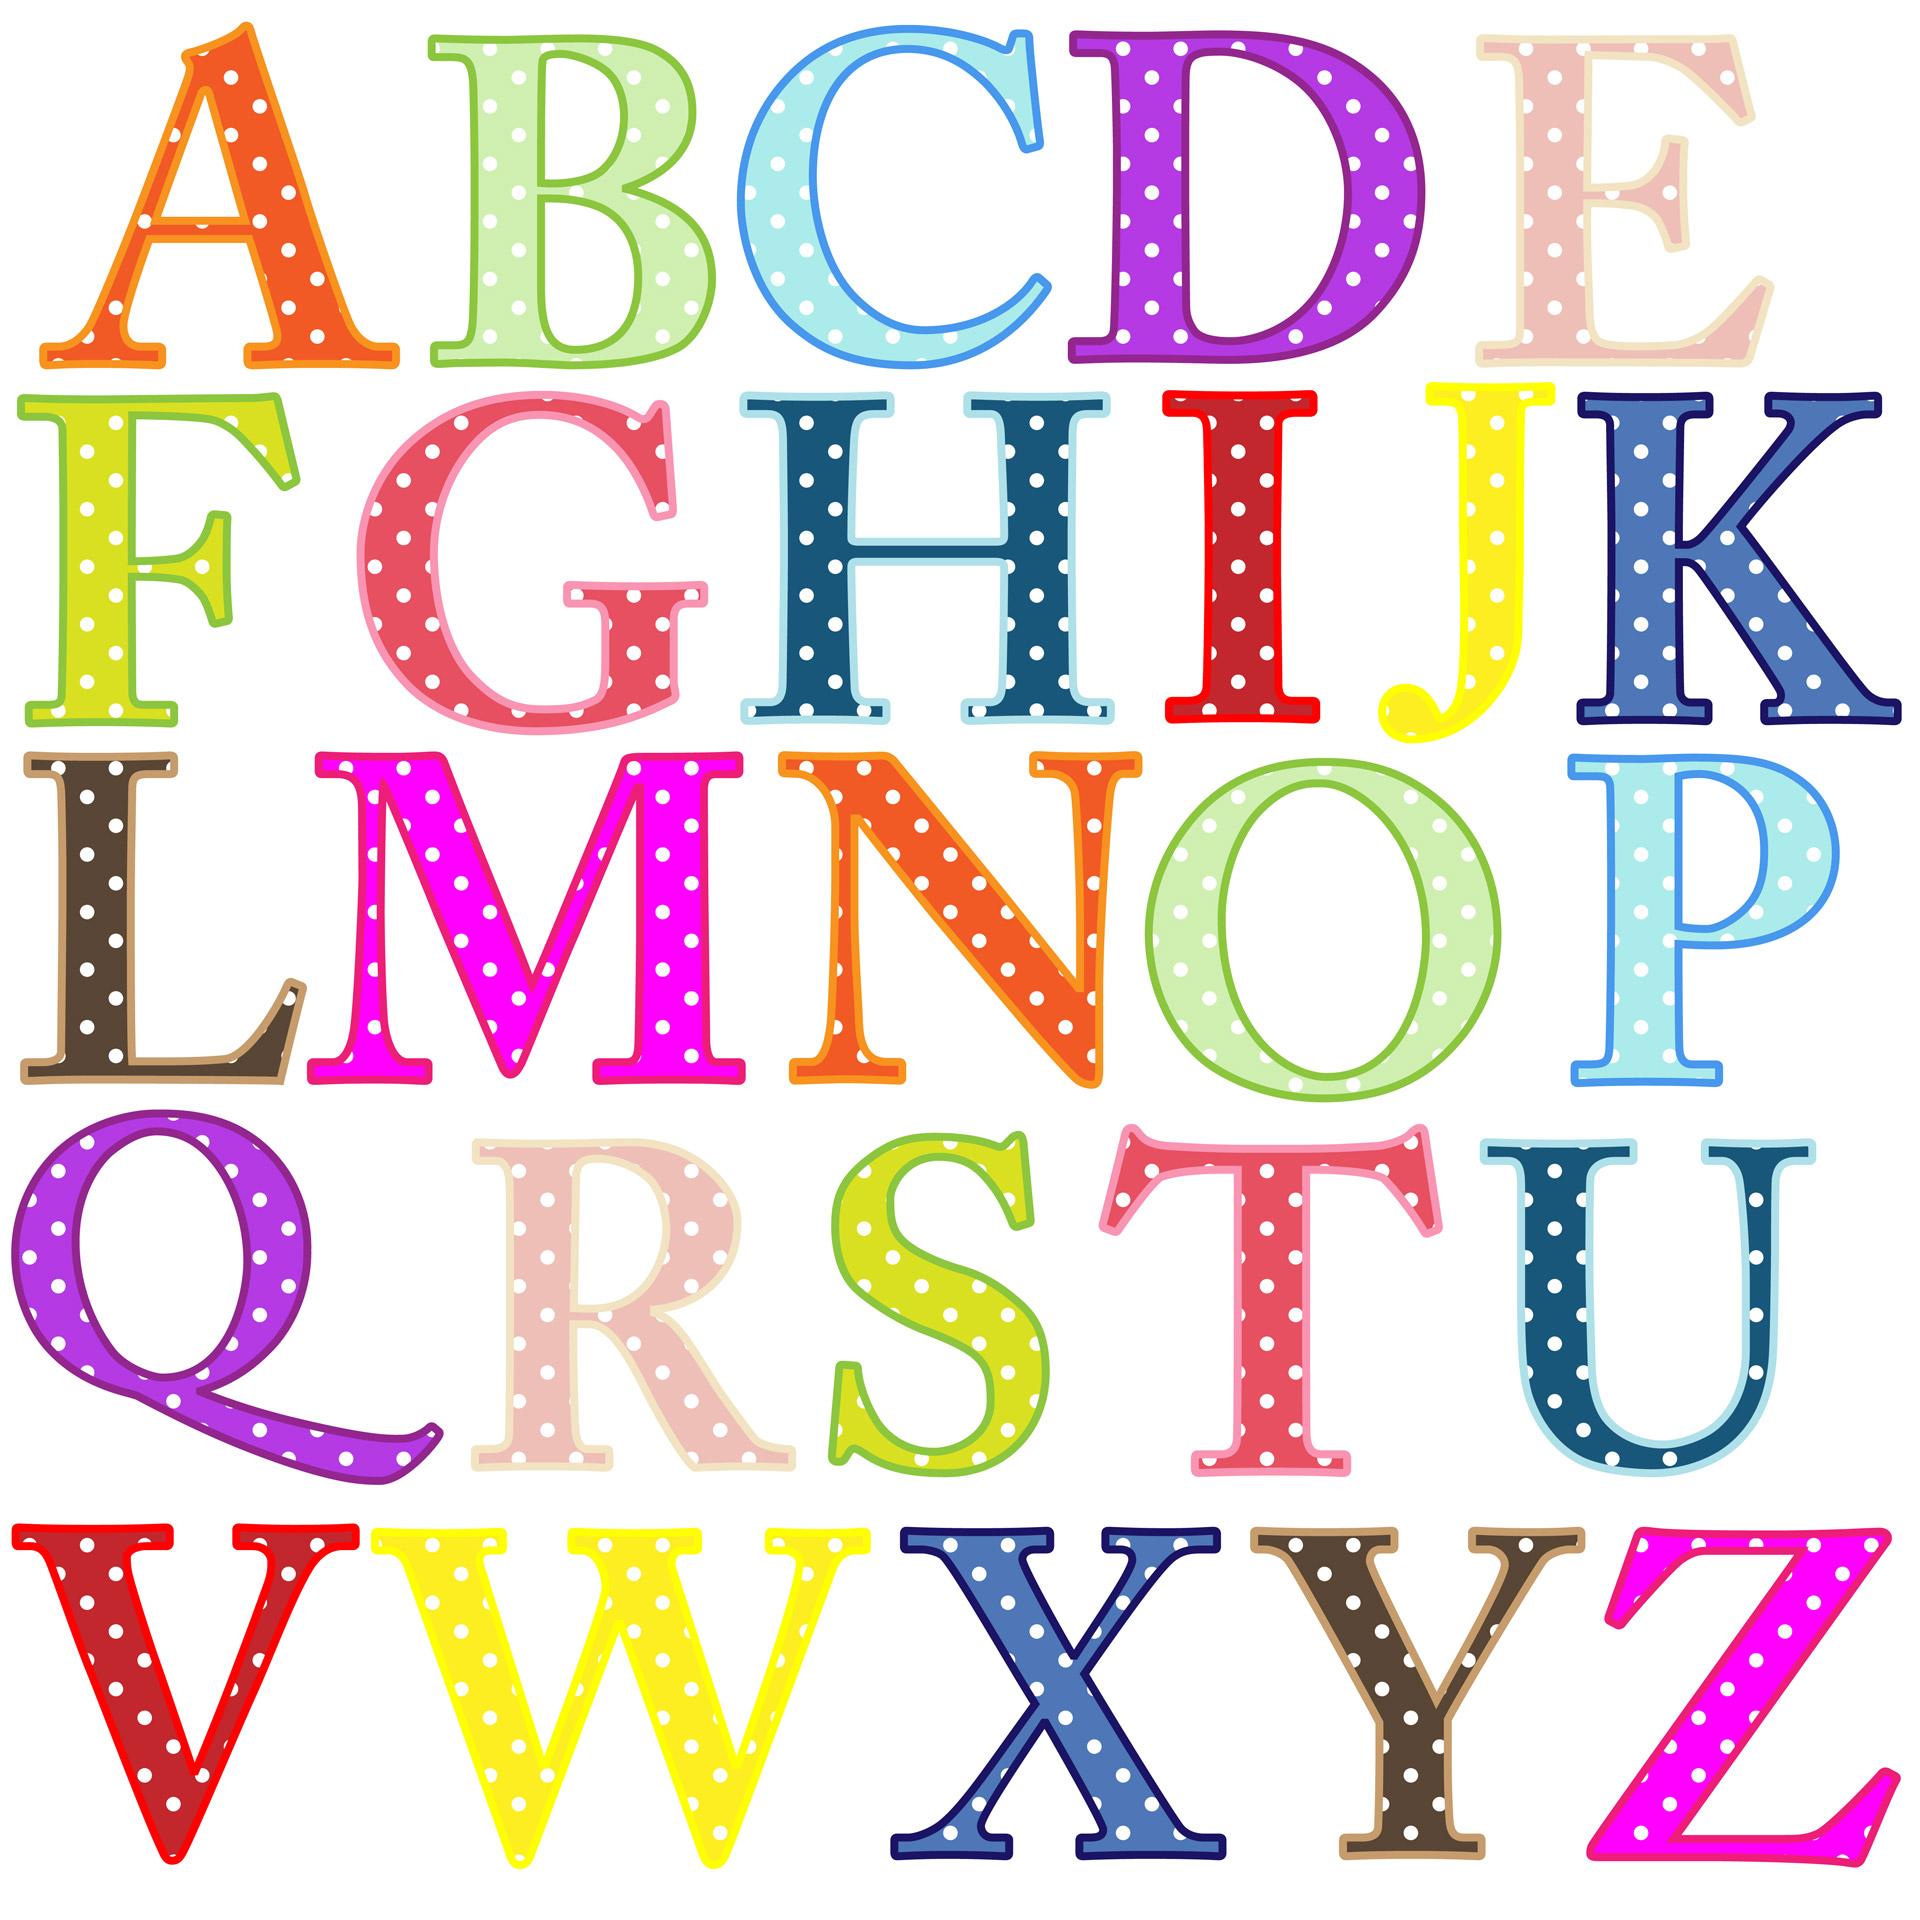 Alphabet Letters Clip-art-Alphabet Letters Clip-art-2